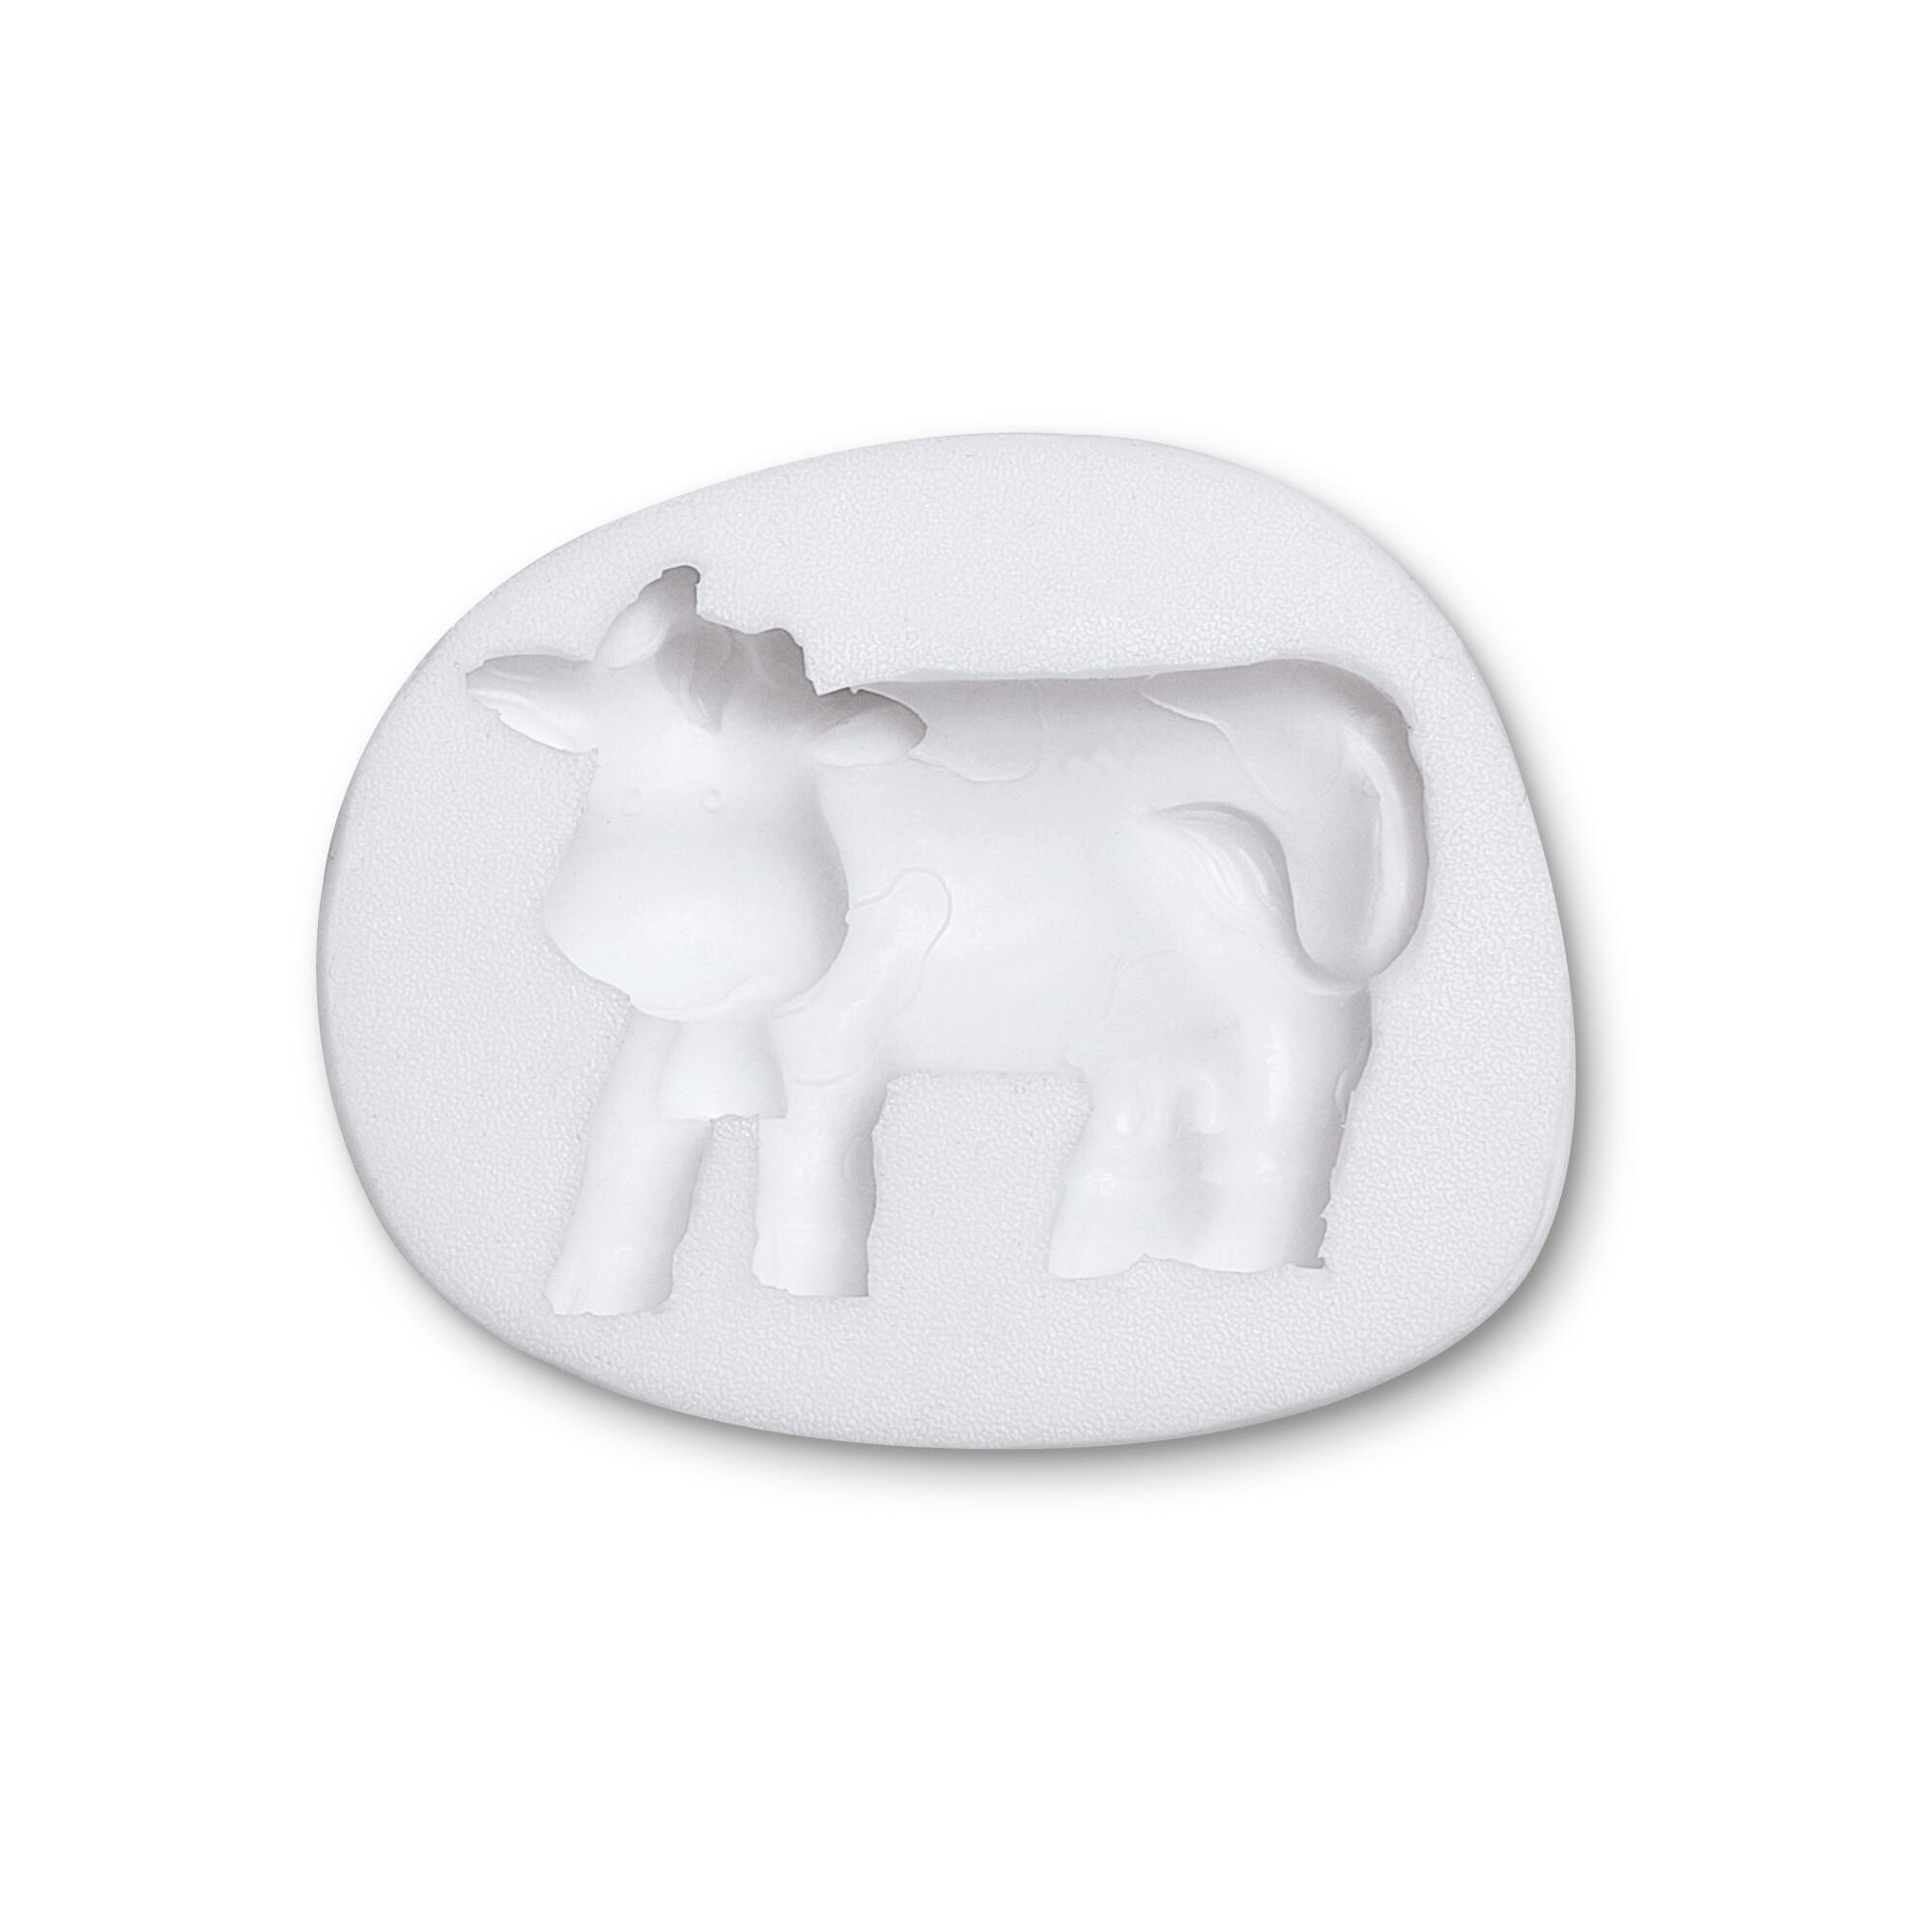 Fondant mould - Cow - Relief form